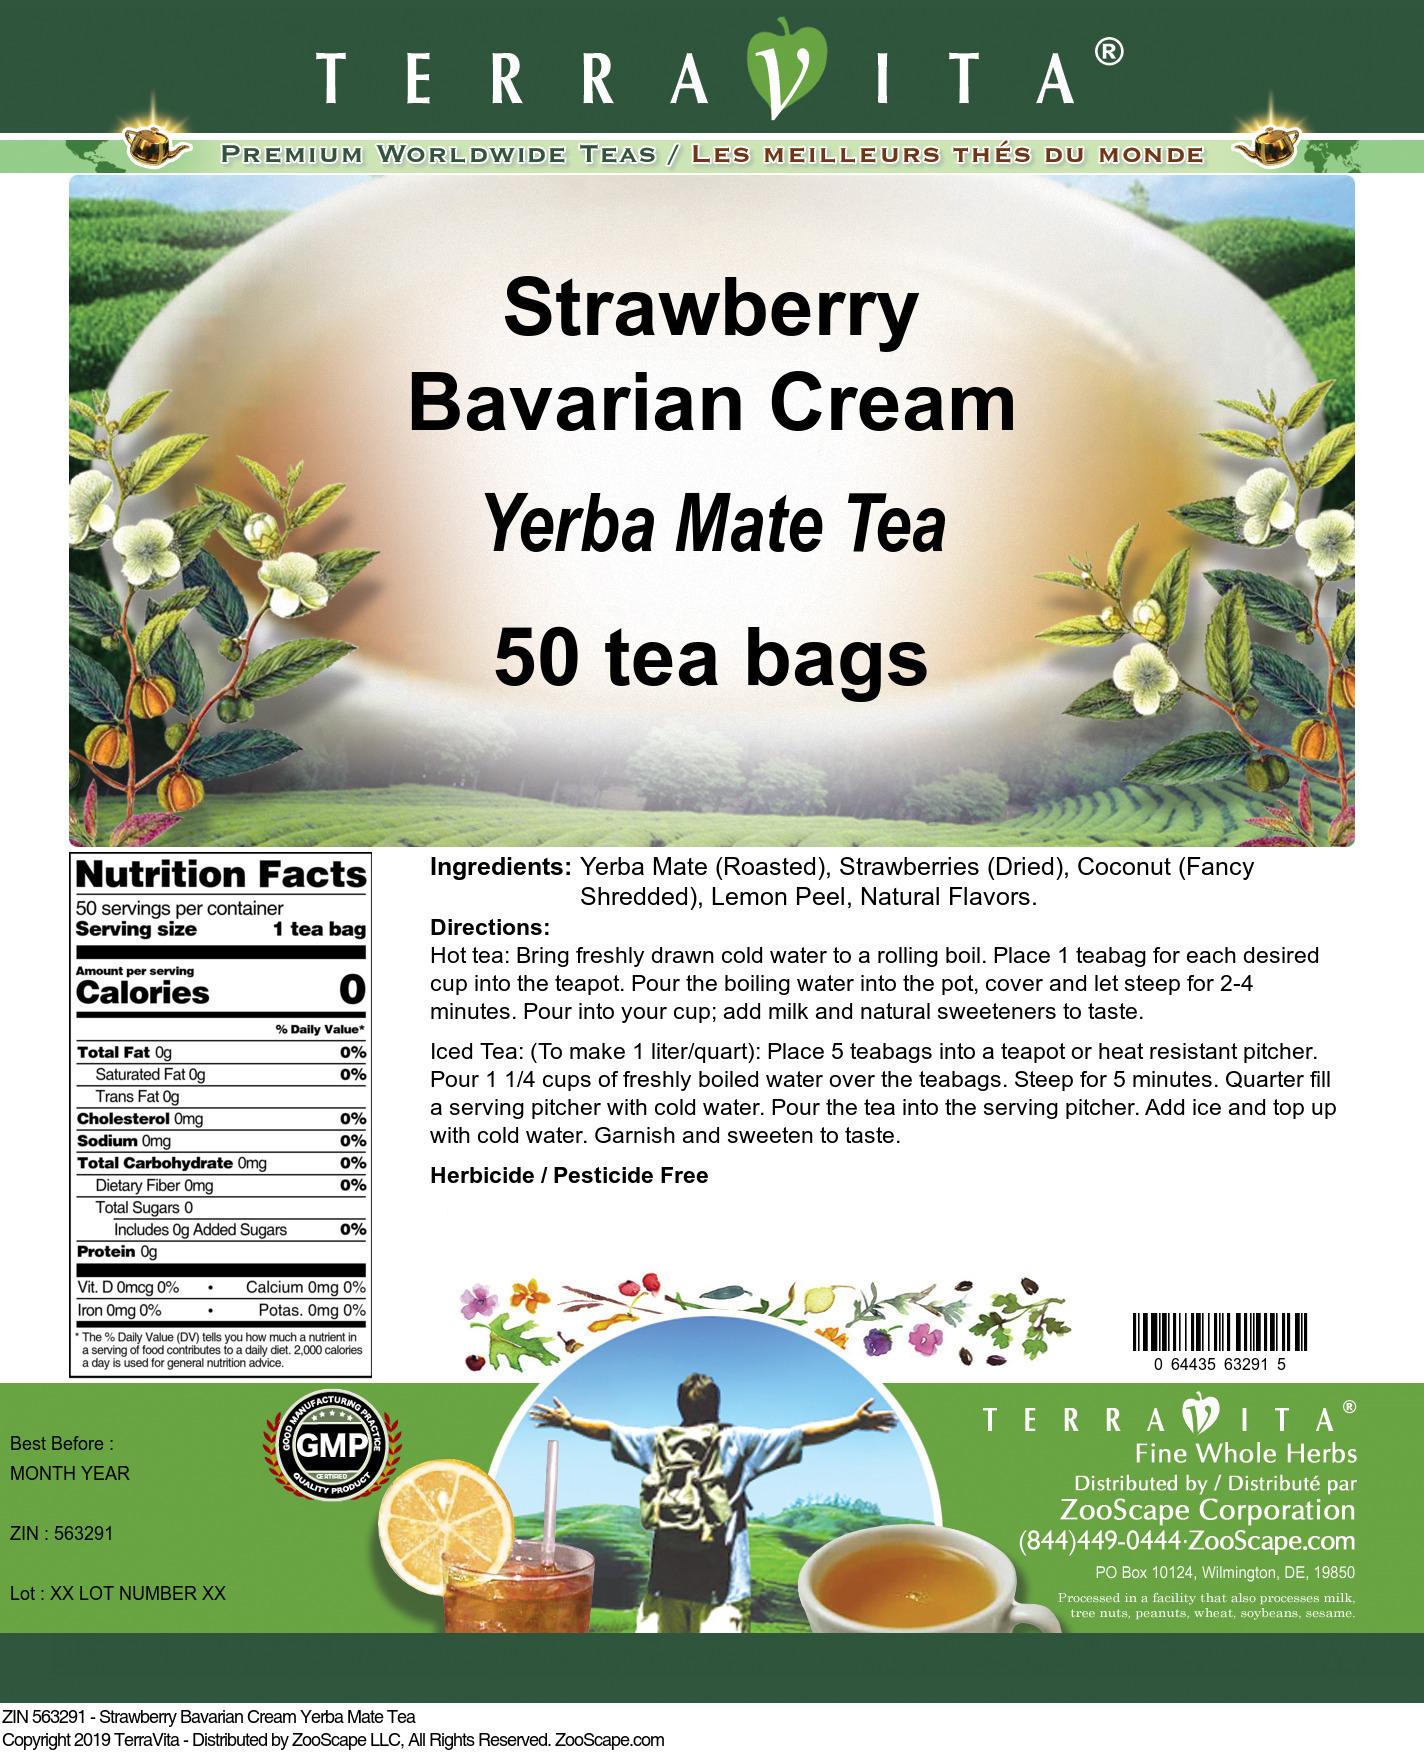 Strawberry Bavarian Cream Yerba Mate